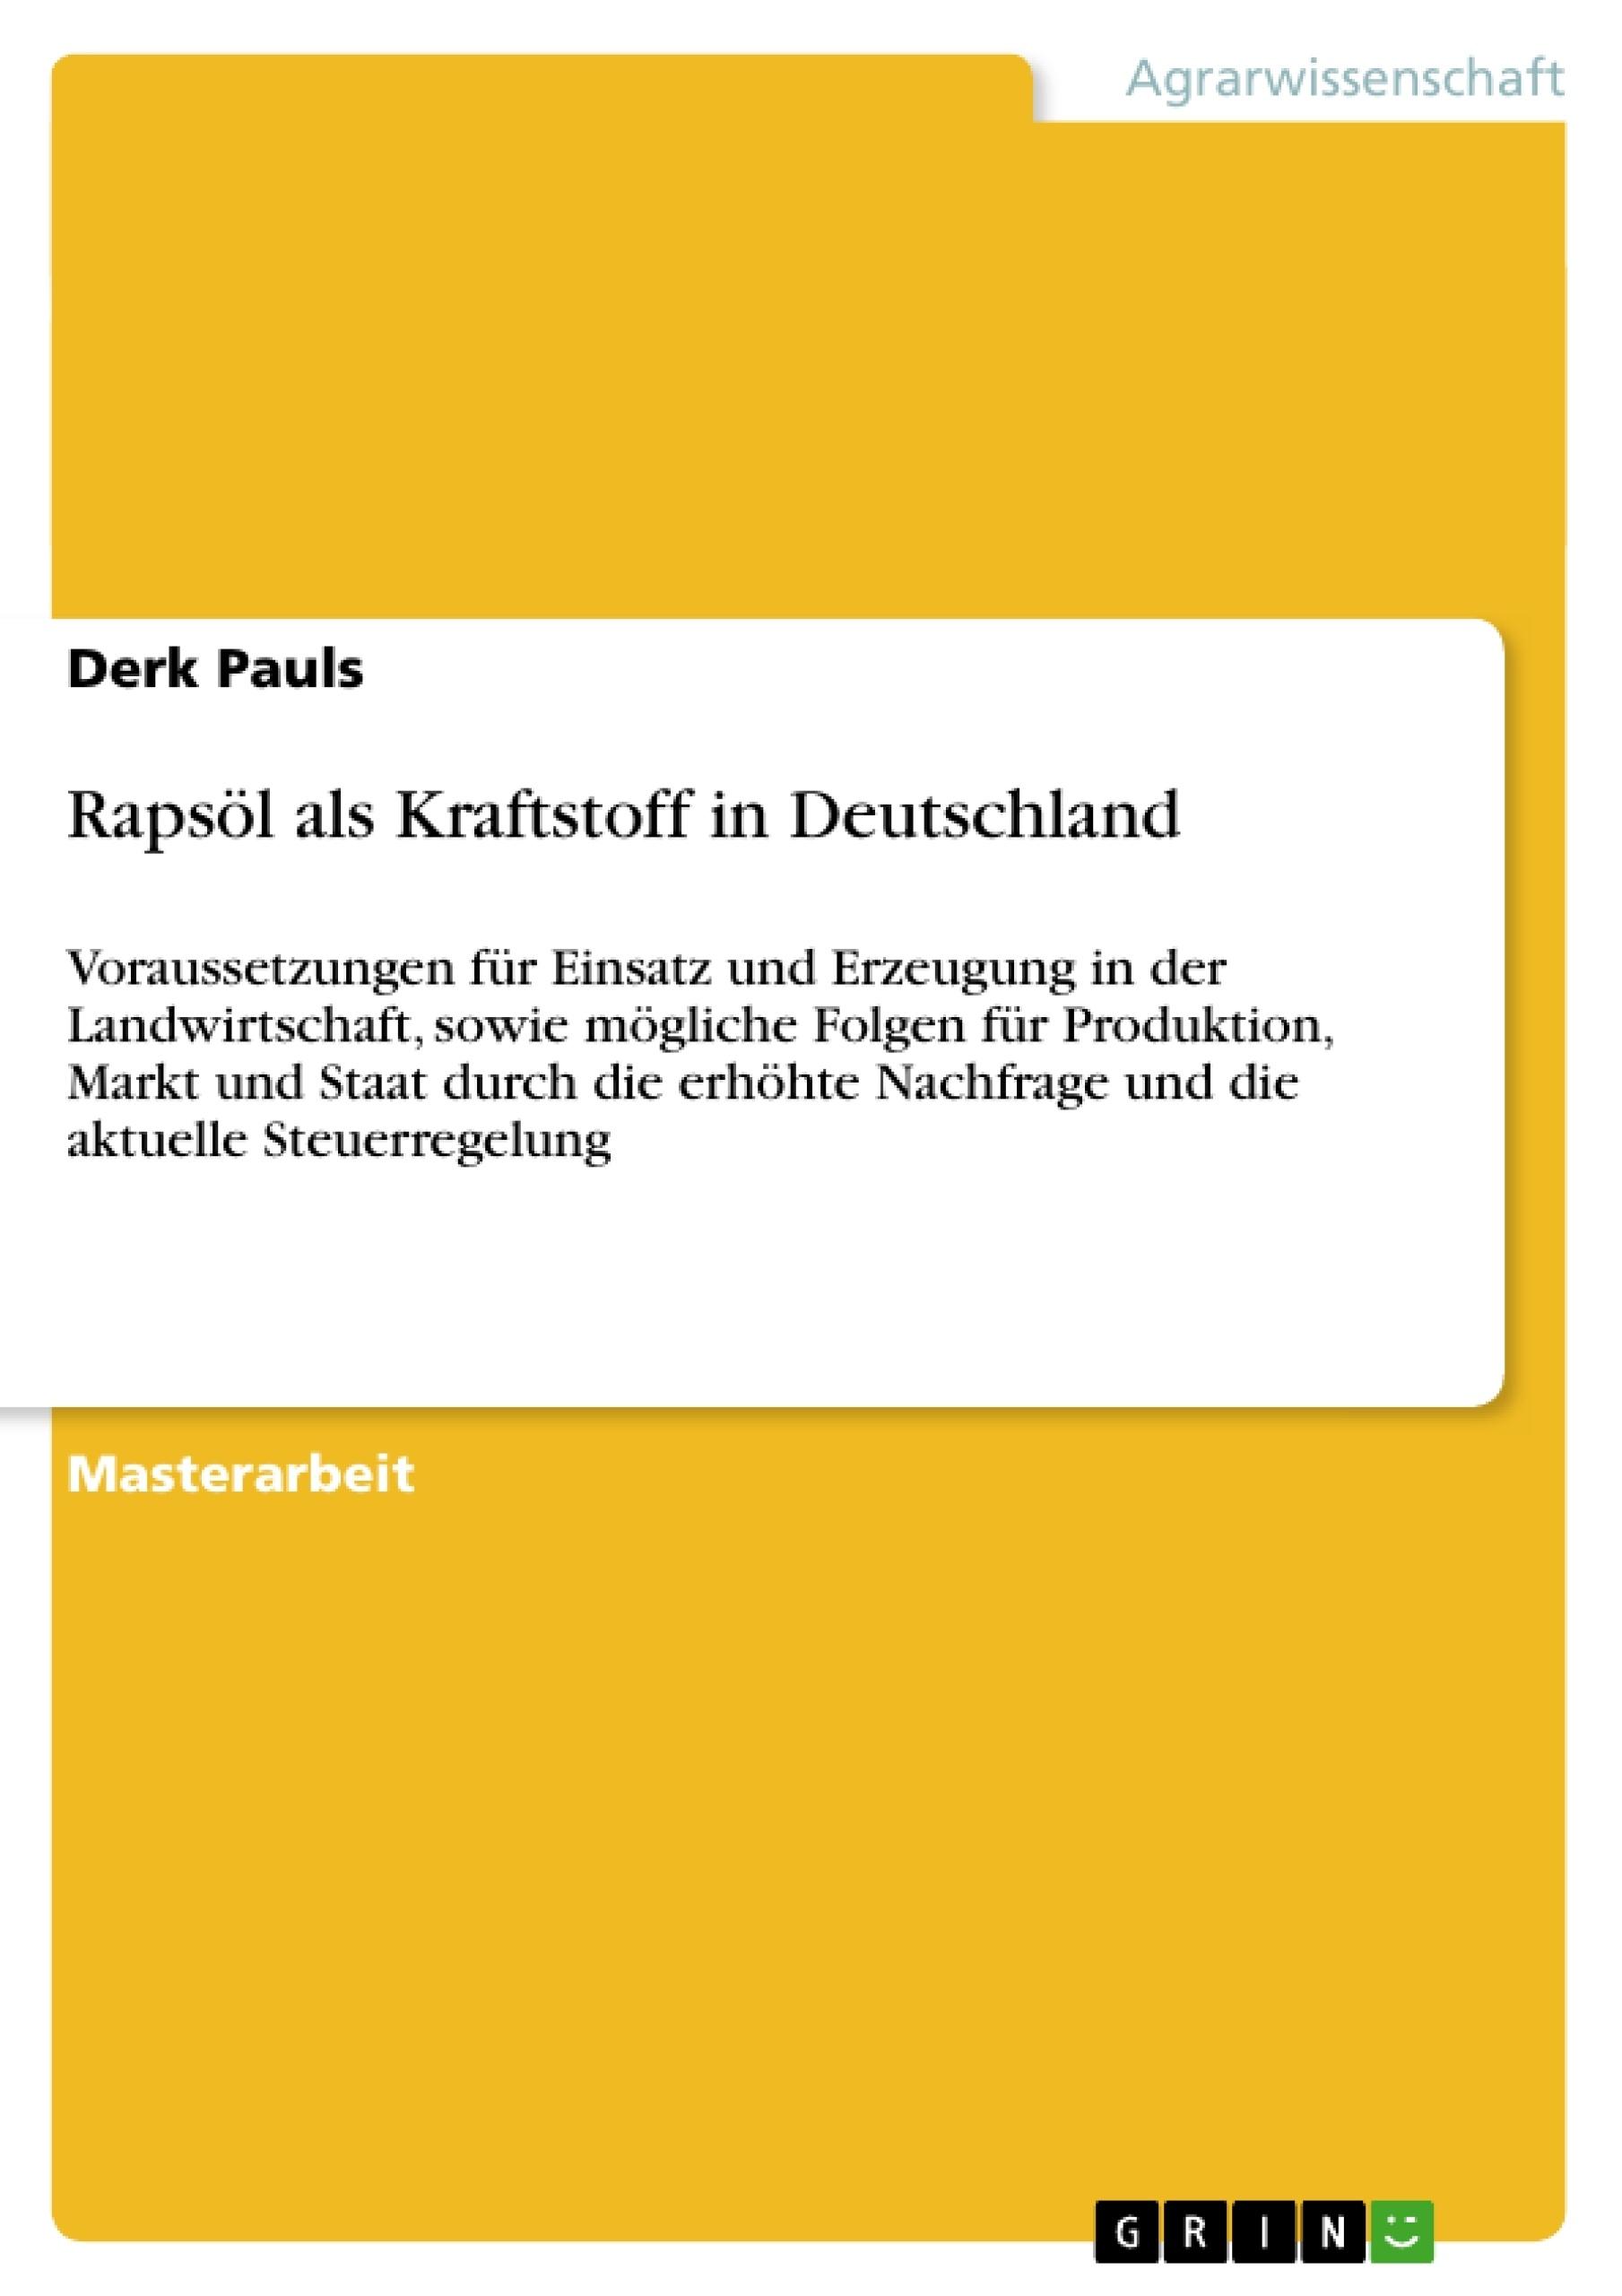 Titel: Rapsöl als Kraftstoff in Deutschland